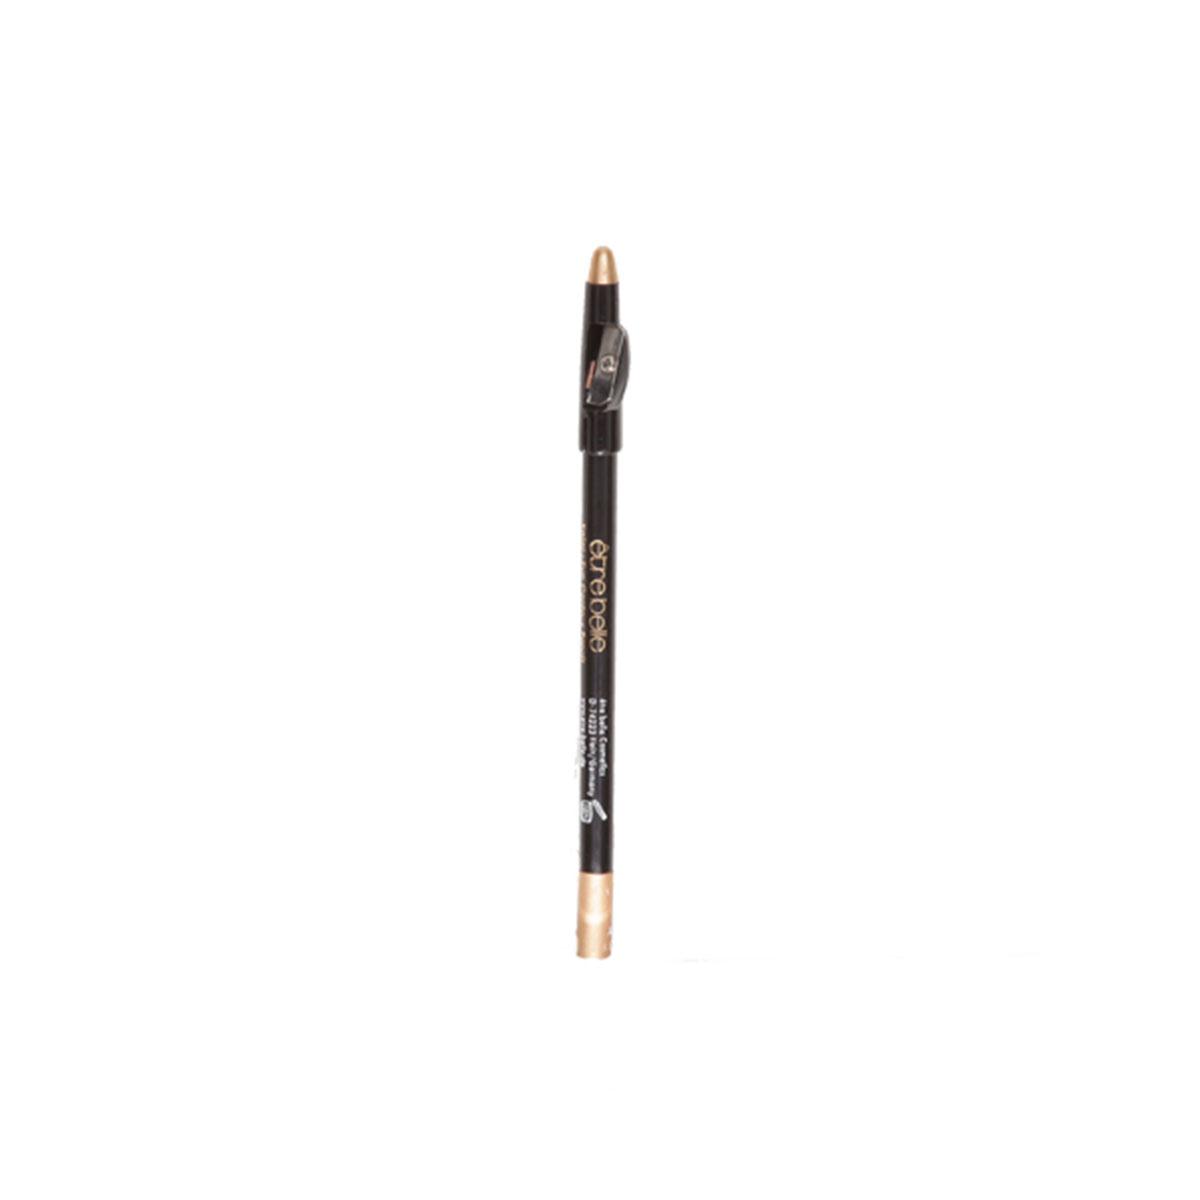 340 Olovka za konturu očiju